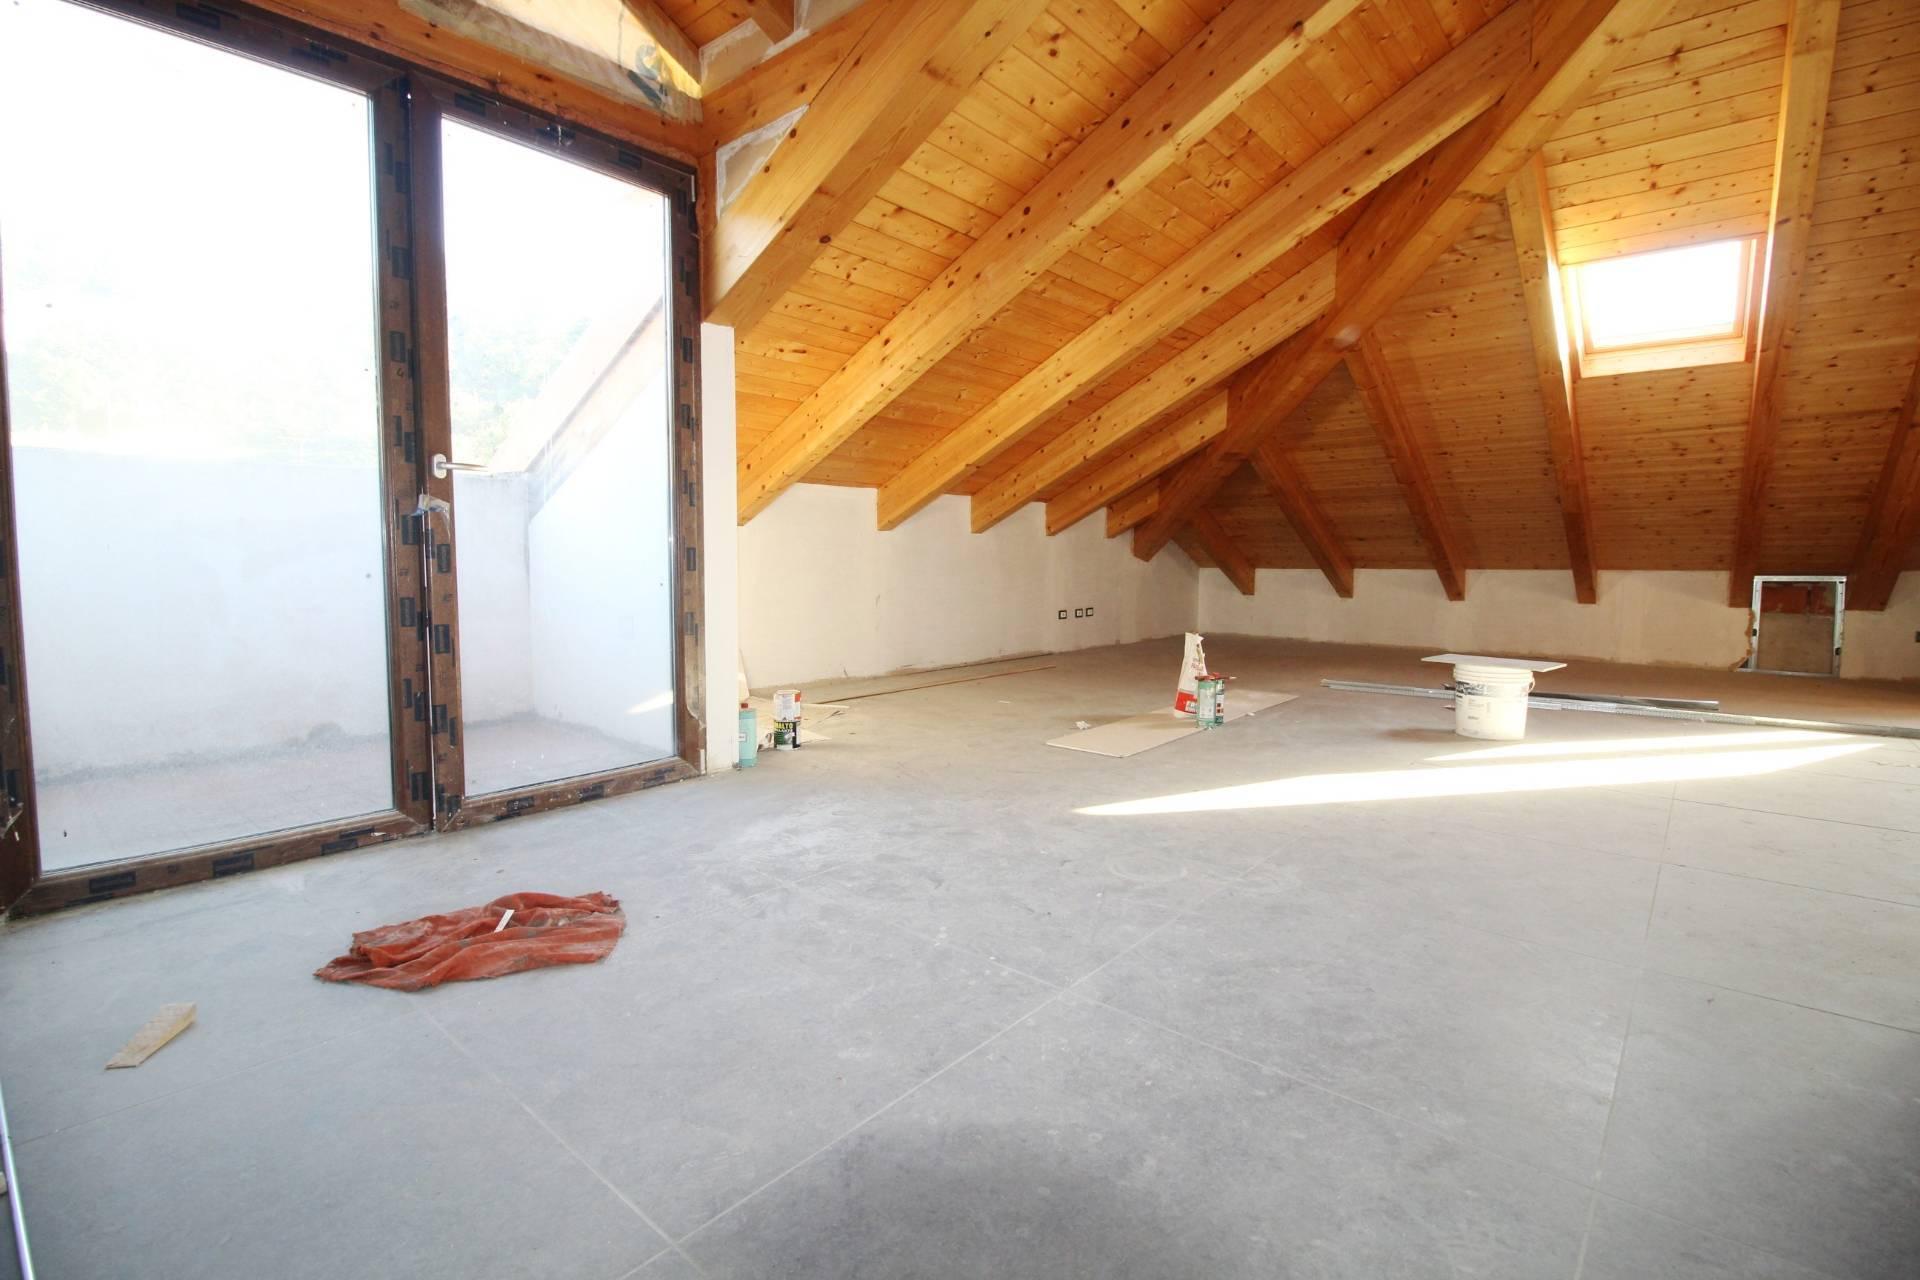 Appartamento in vendita a Rivoli, 3 locali, zona Località: CentroStorico, prezzo € 260.000 | CambioCasa.it